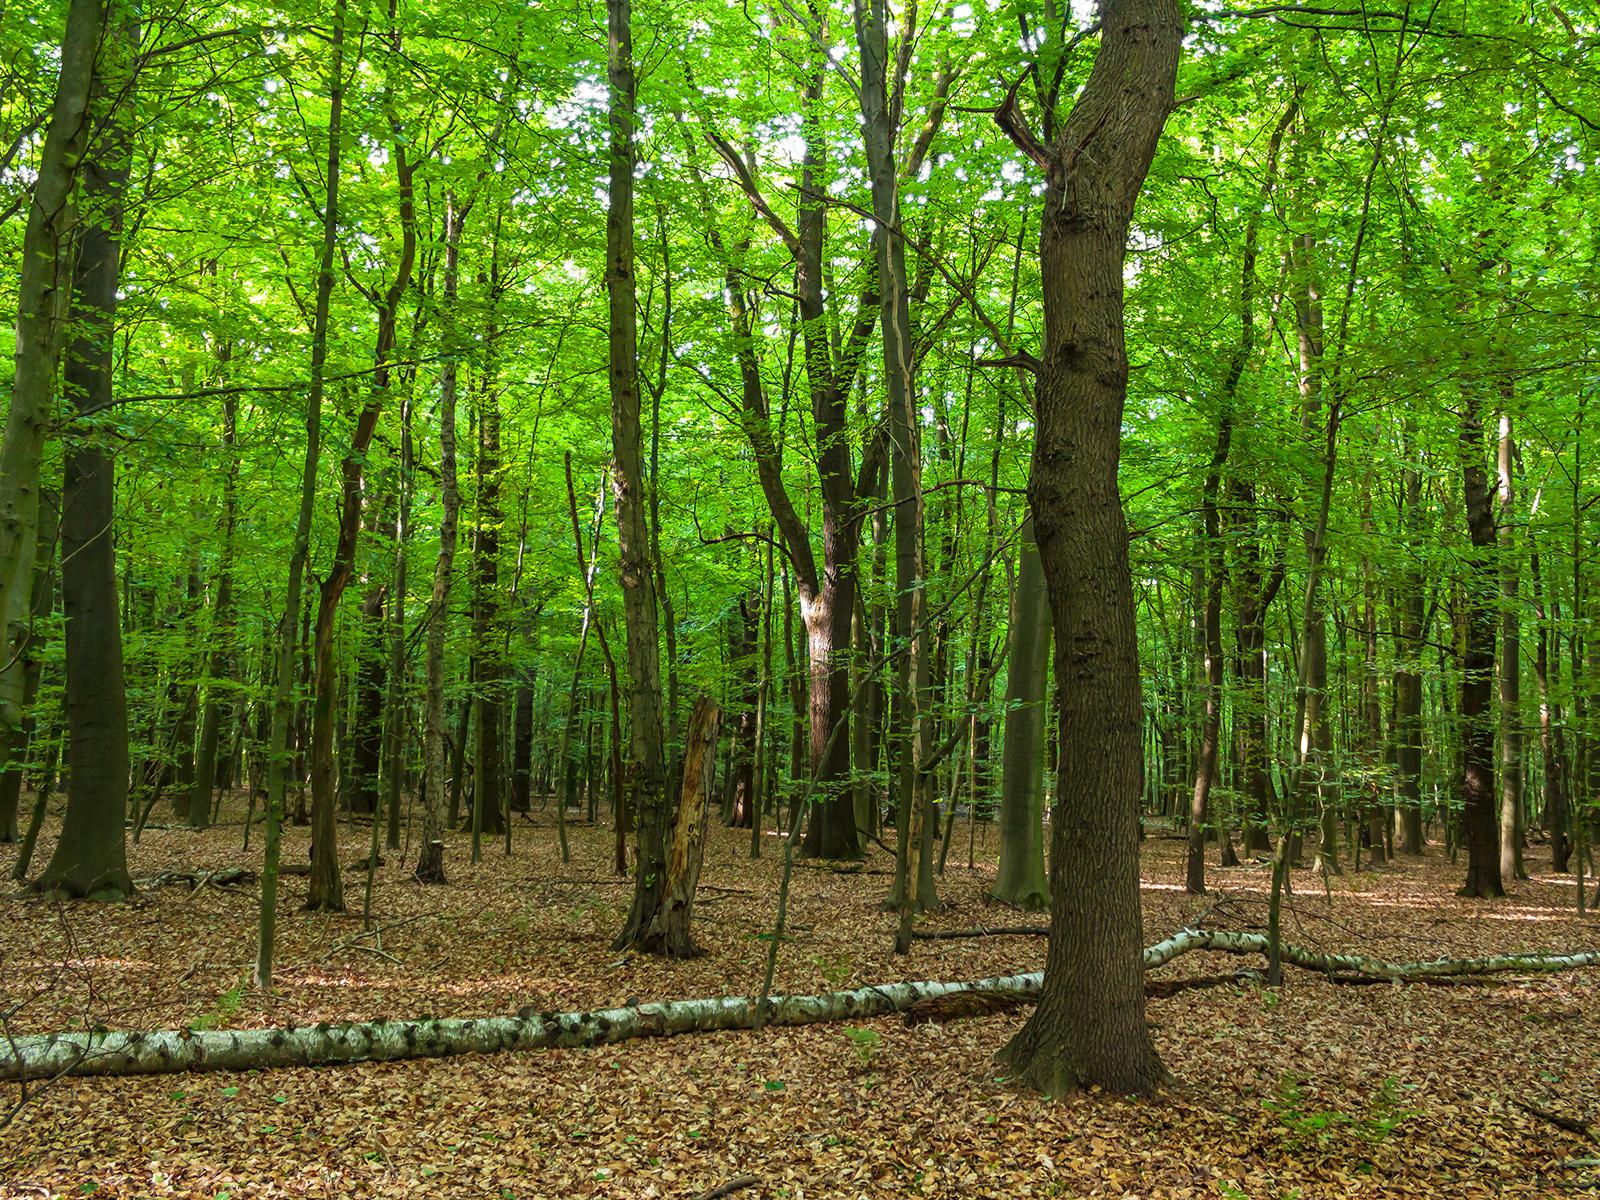 Buchenwald mit einigen mächtigen alten Eichen